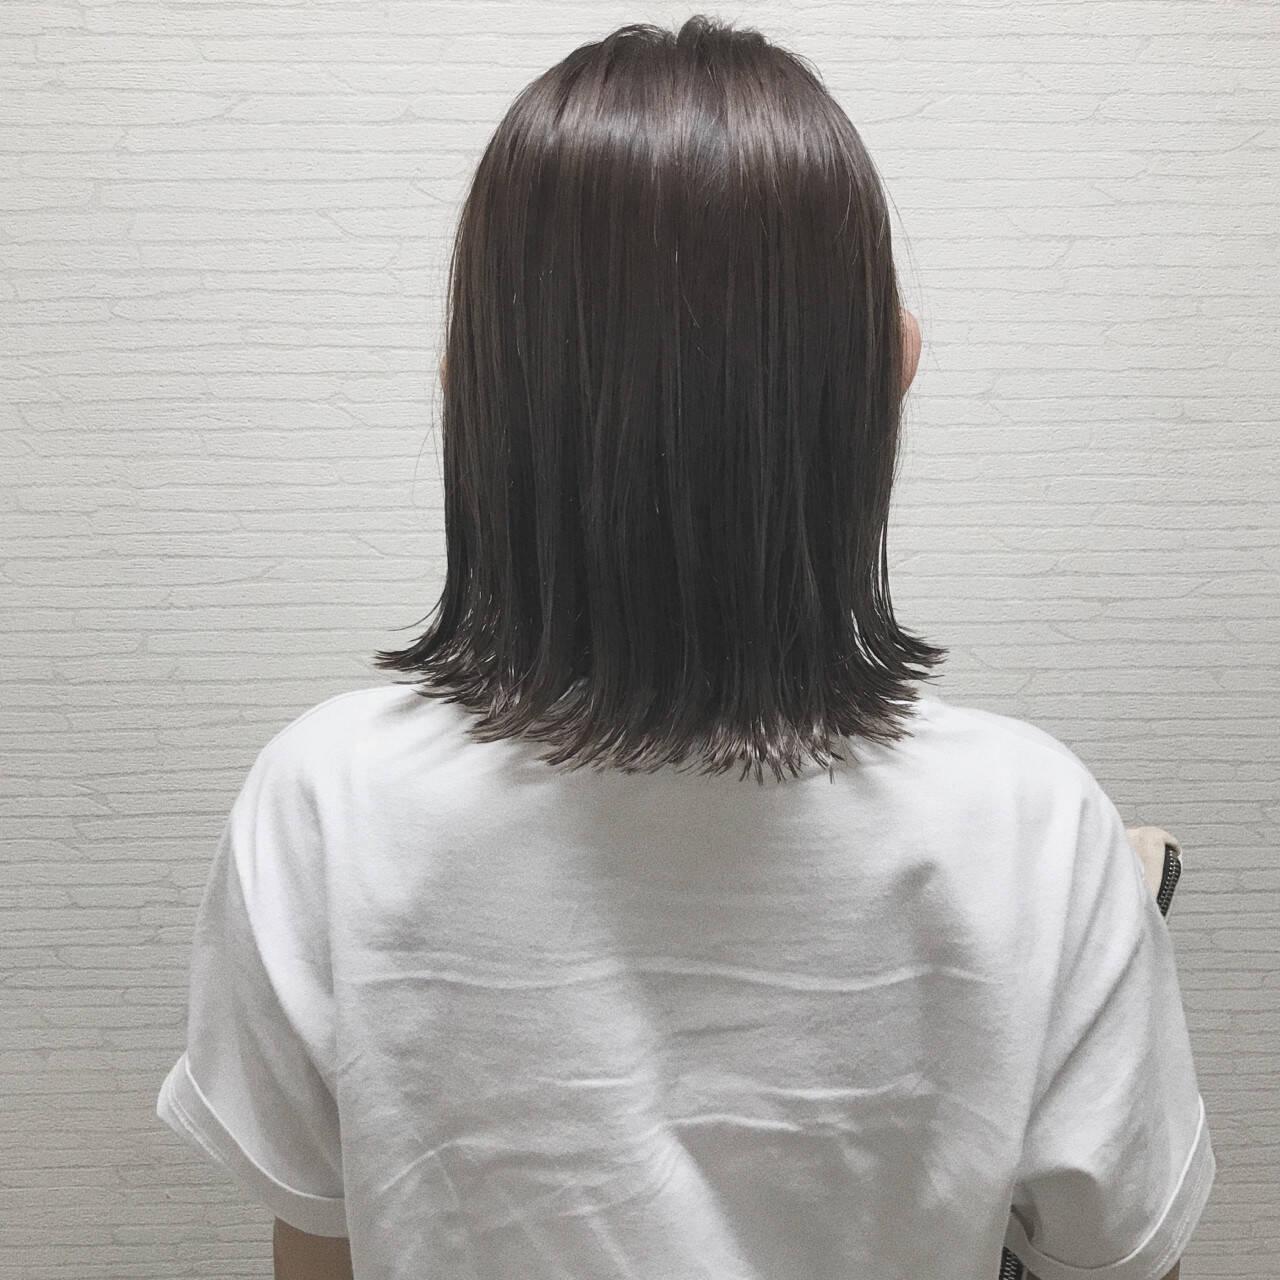 ナチュラル ボブ 外国人風カラー 切りっぱなしヘアスタイルや髪型の写真・画像